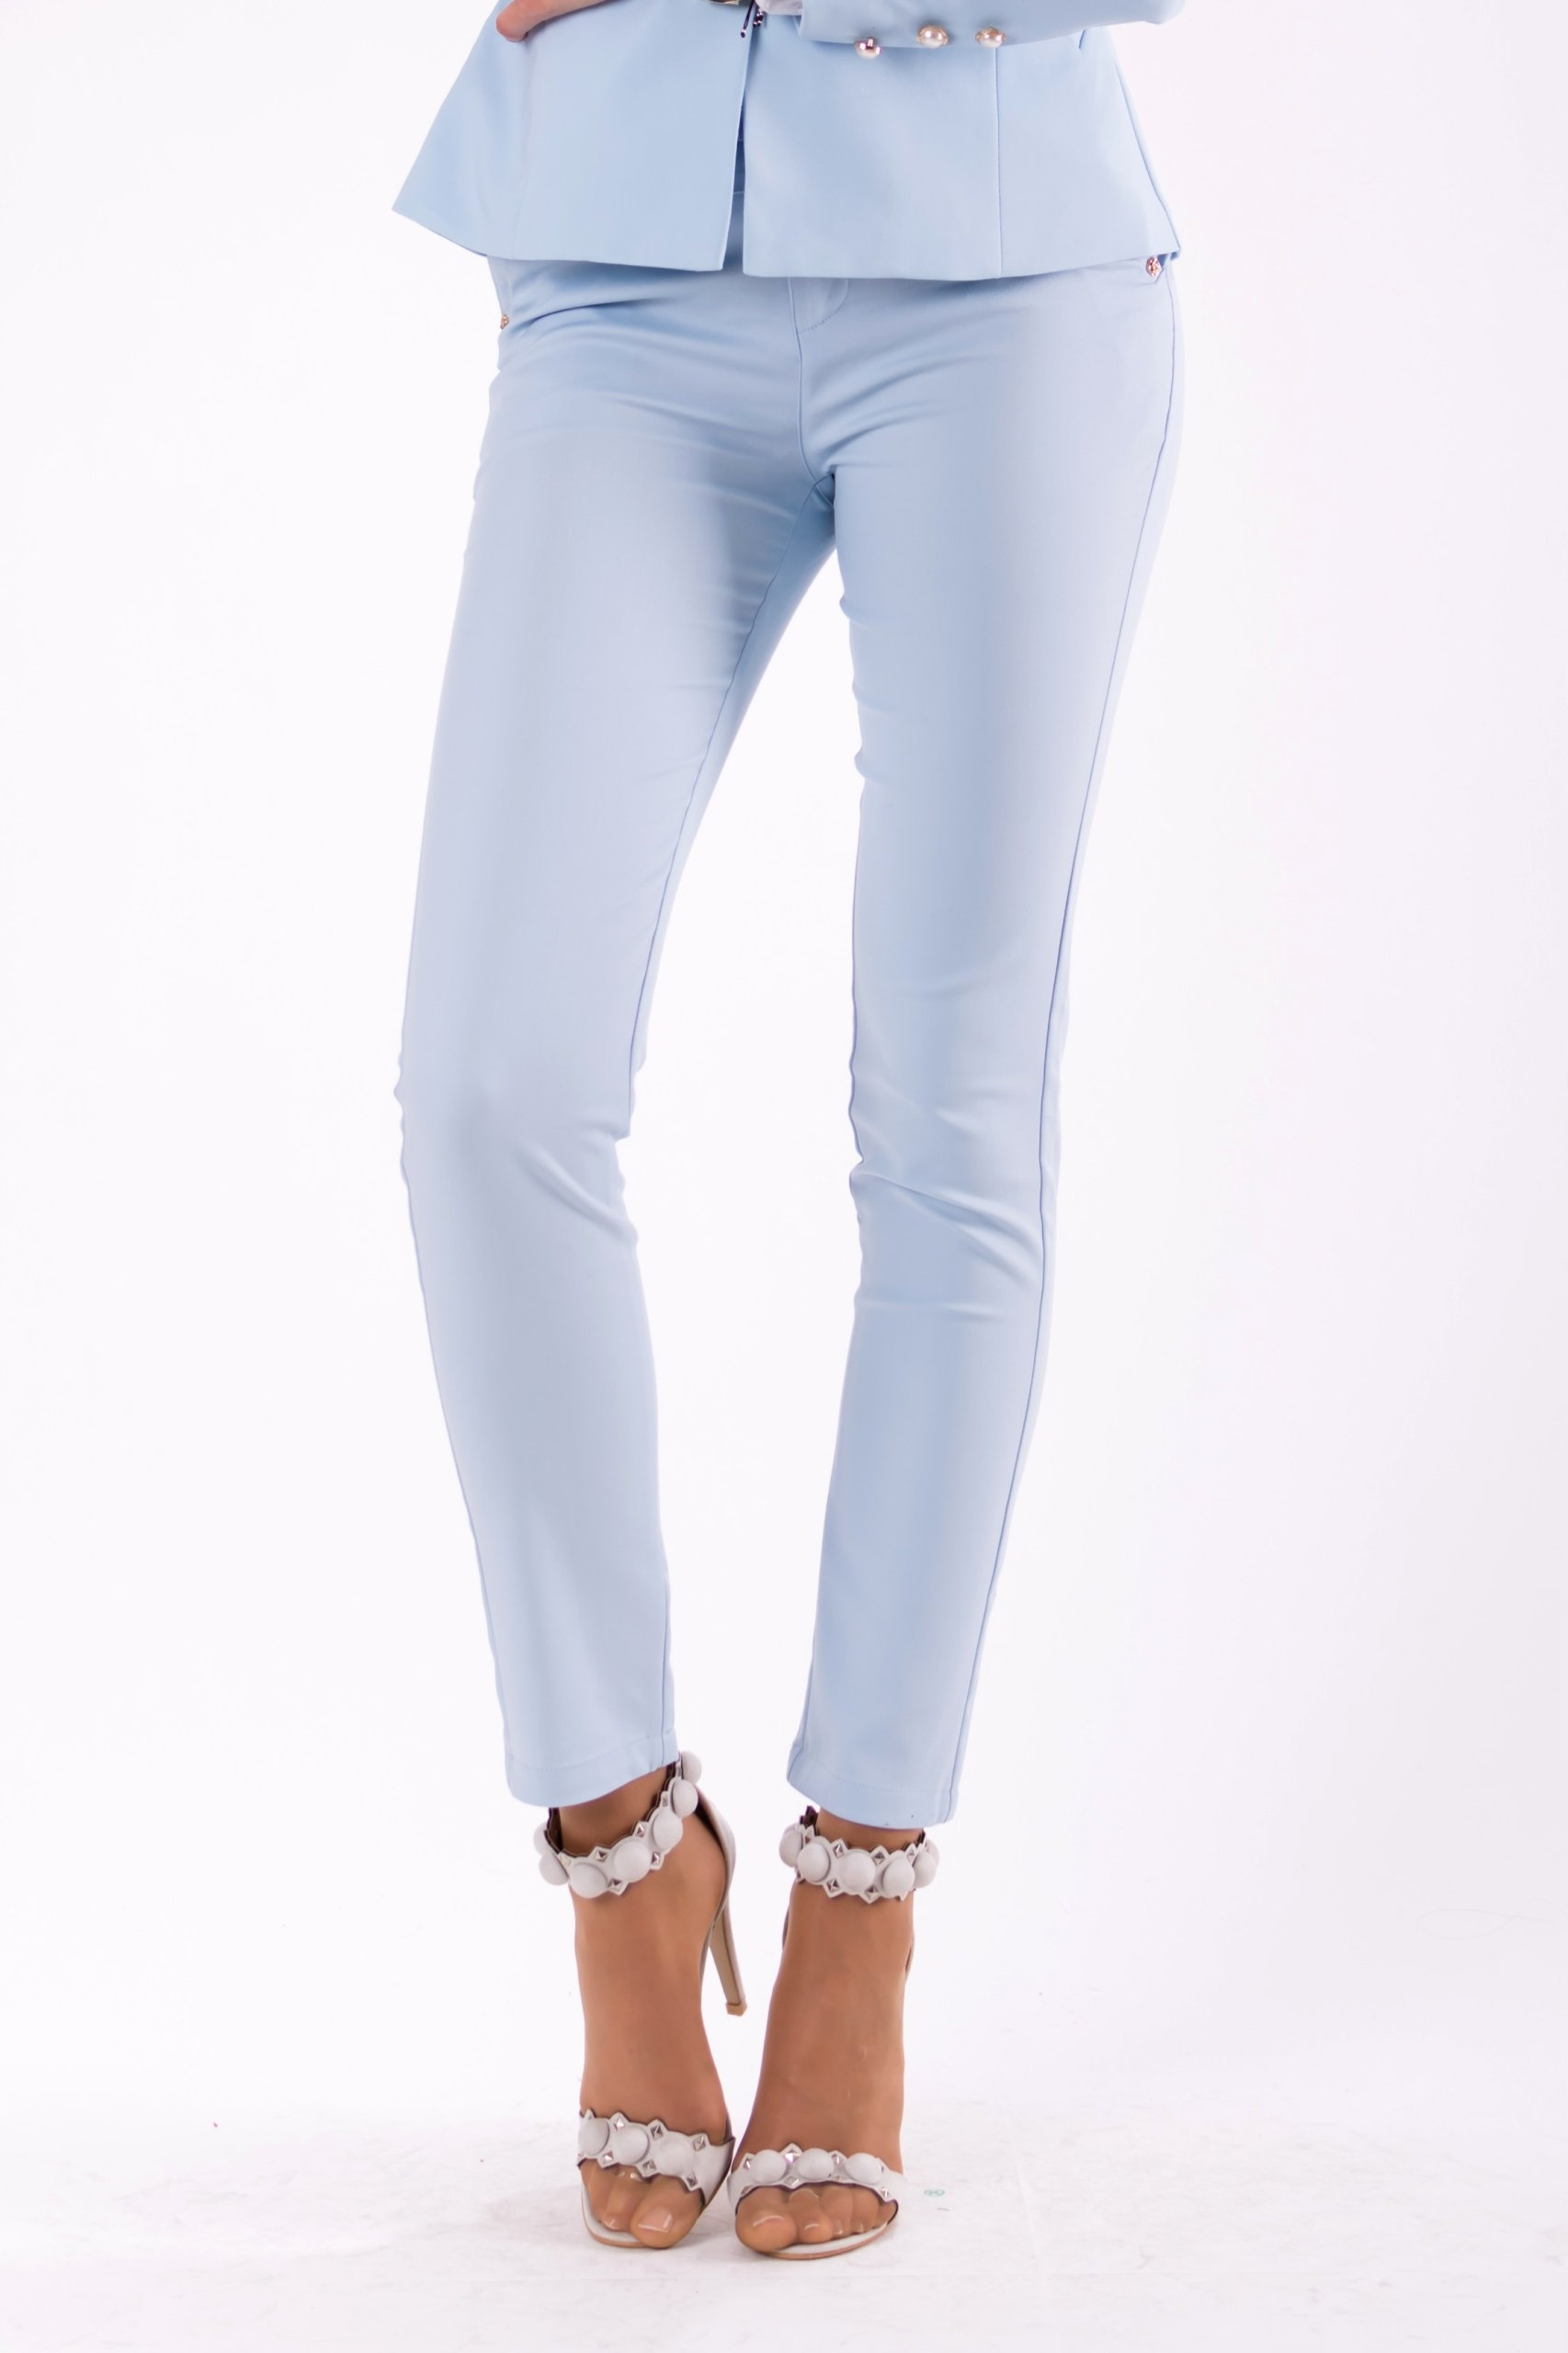 303c5ae675be63 Eleganckie spodnie damskie - błękitne M - 7233465094 - oficjalne ...